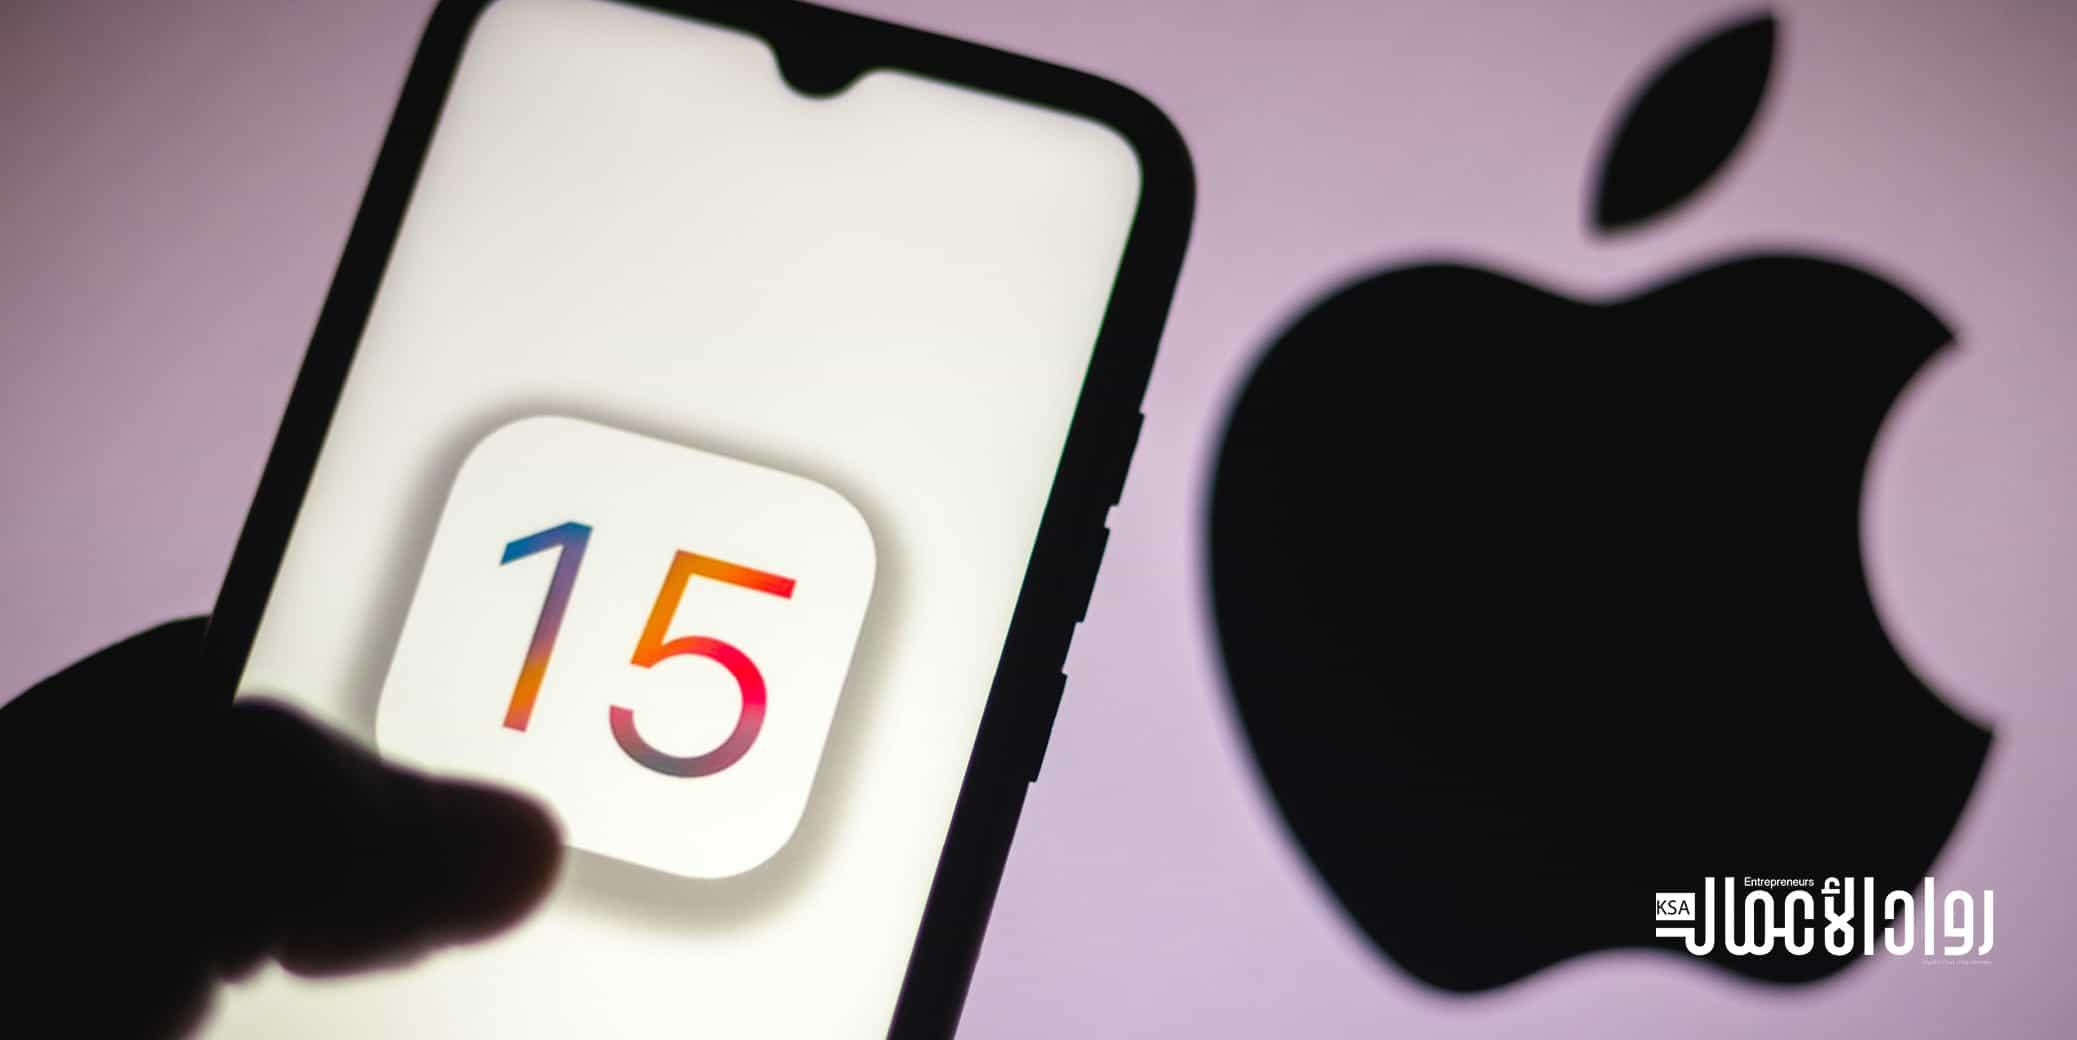 نظام تشغيل أبل iOS 15